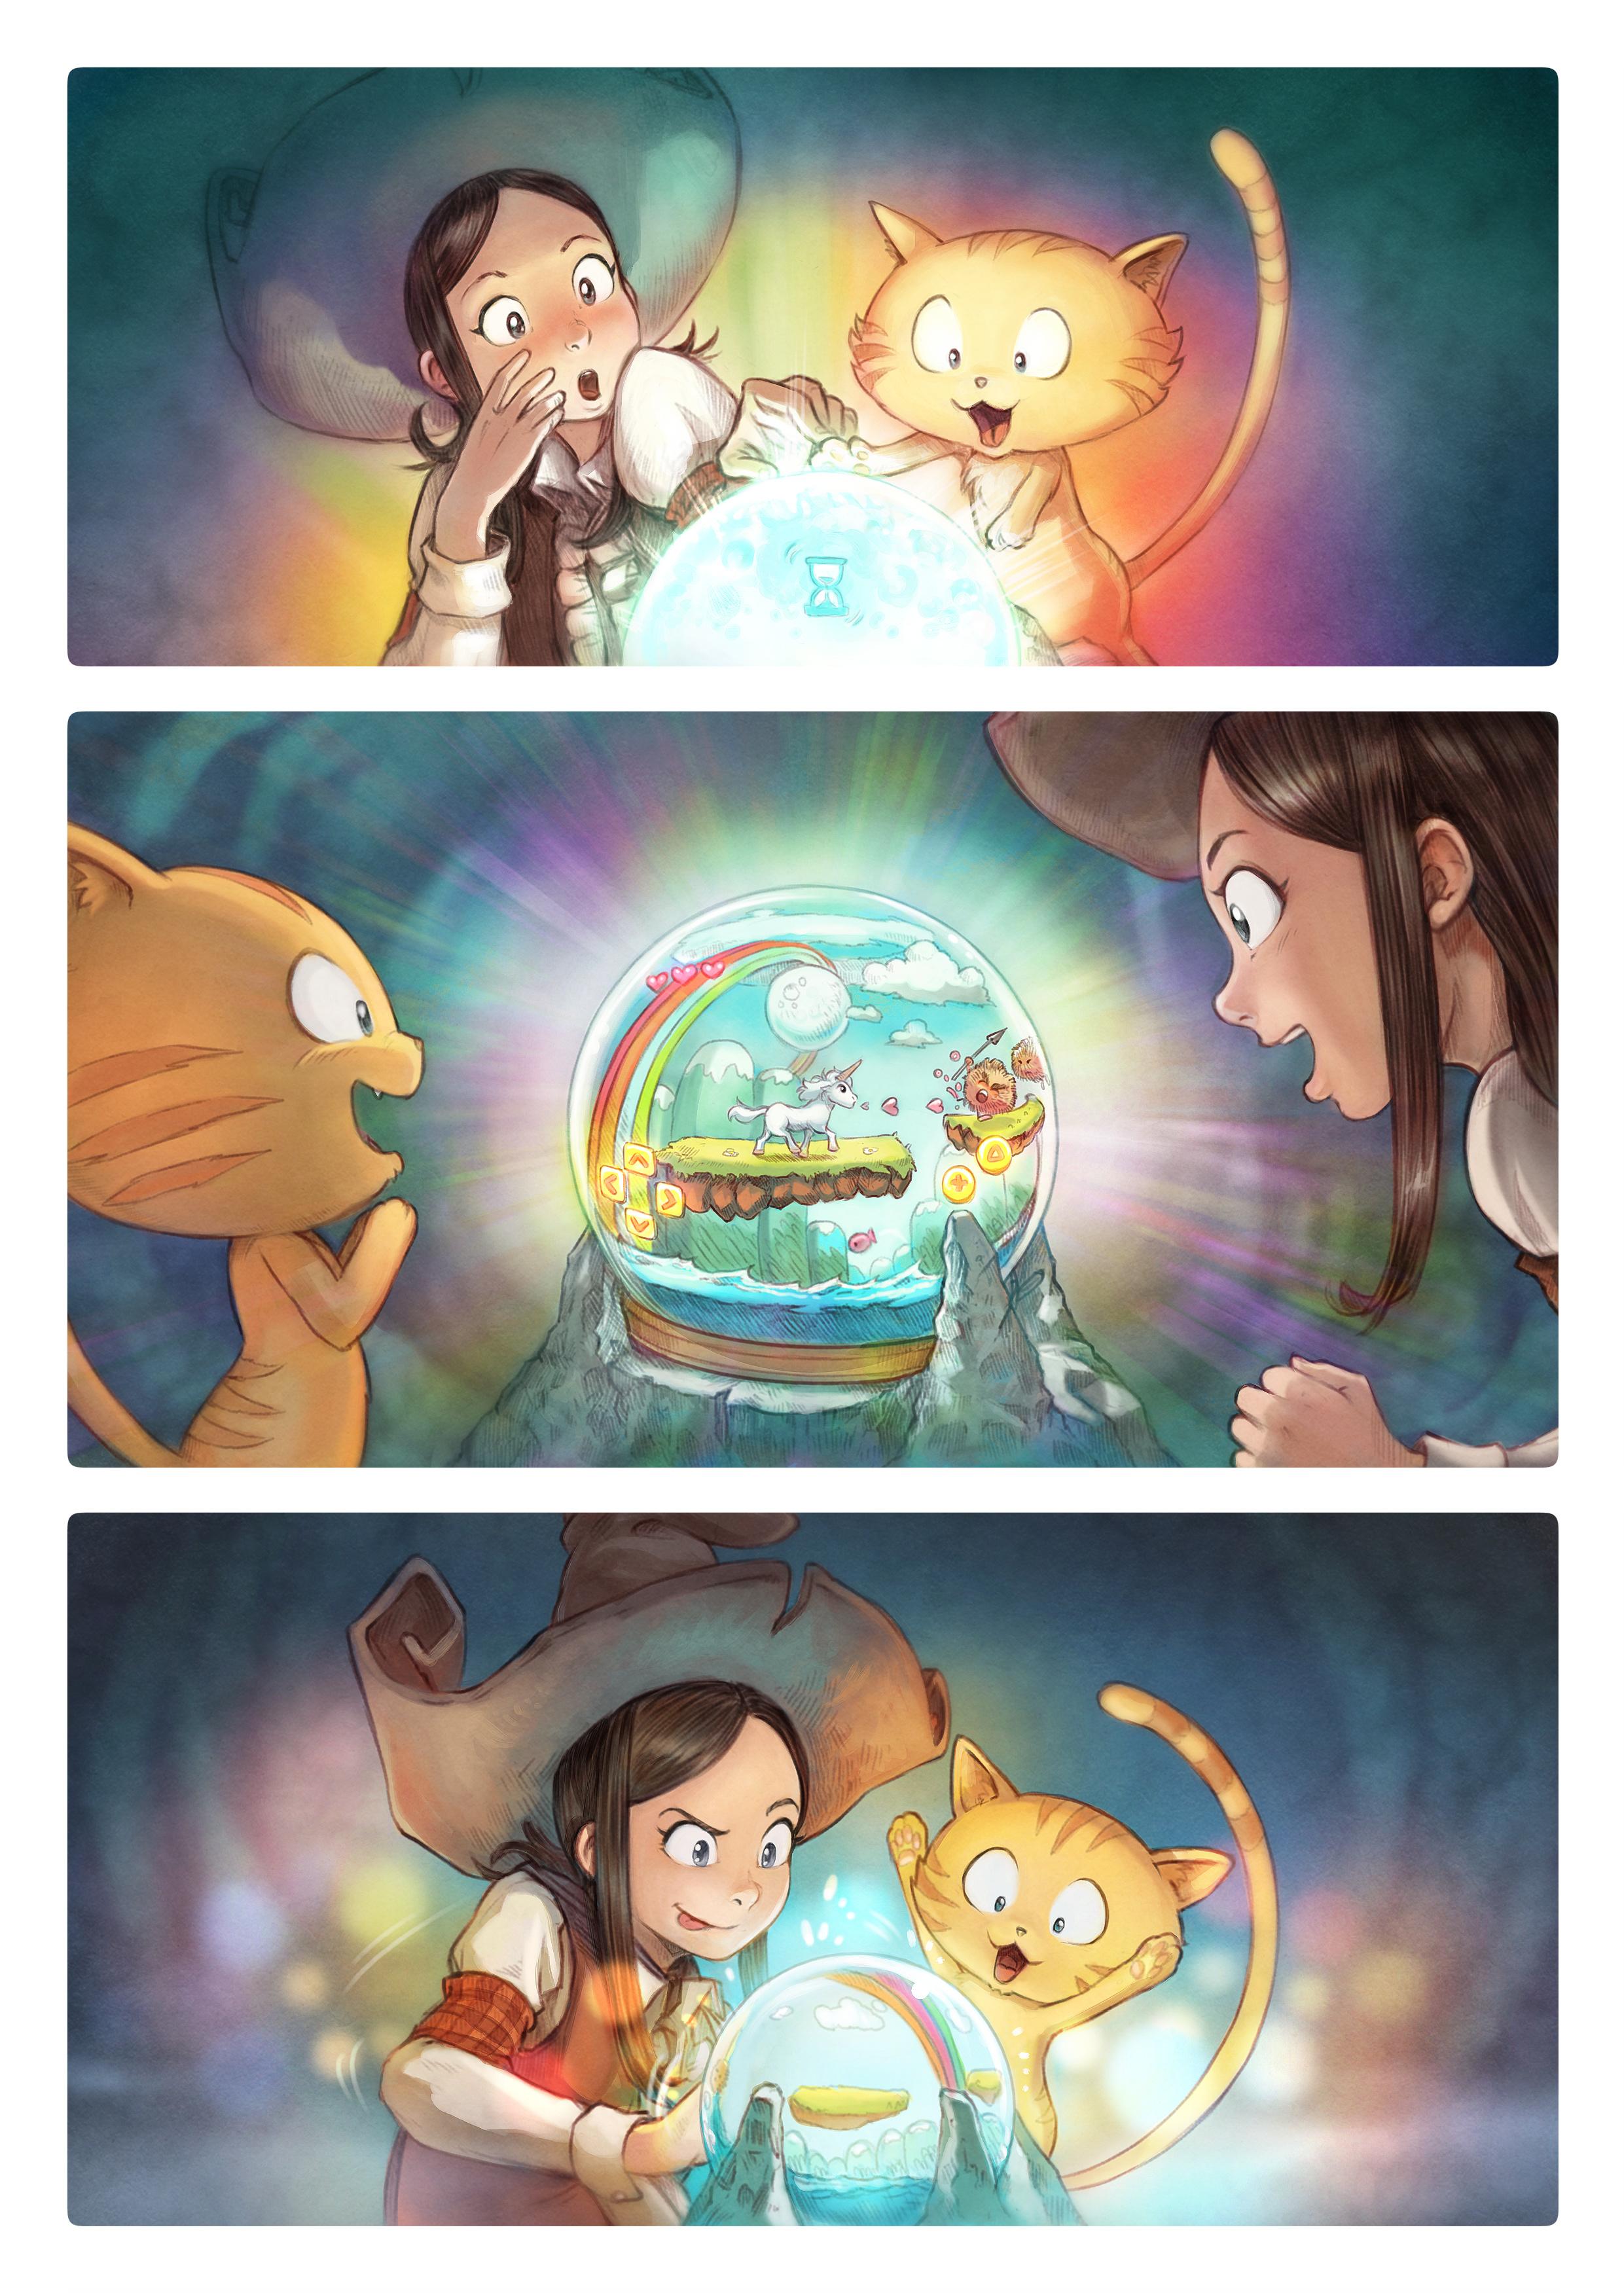 エピソード 15: 水晶玉, ページ 4